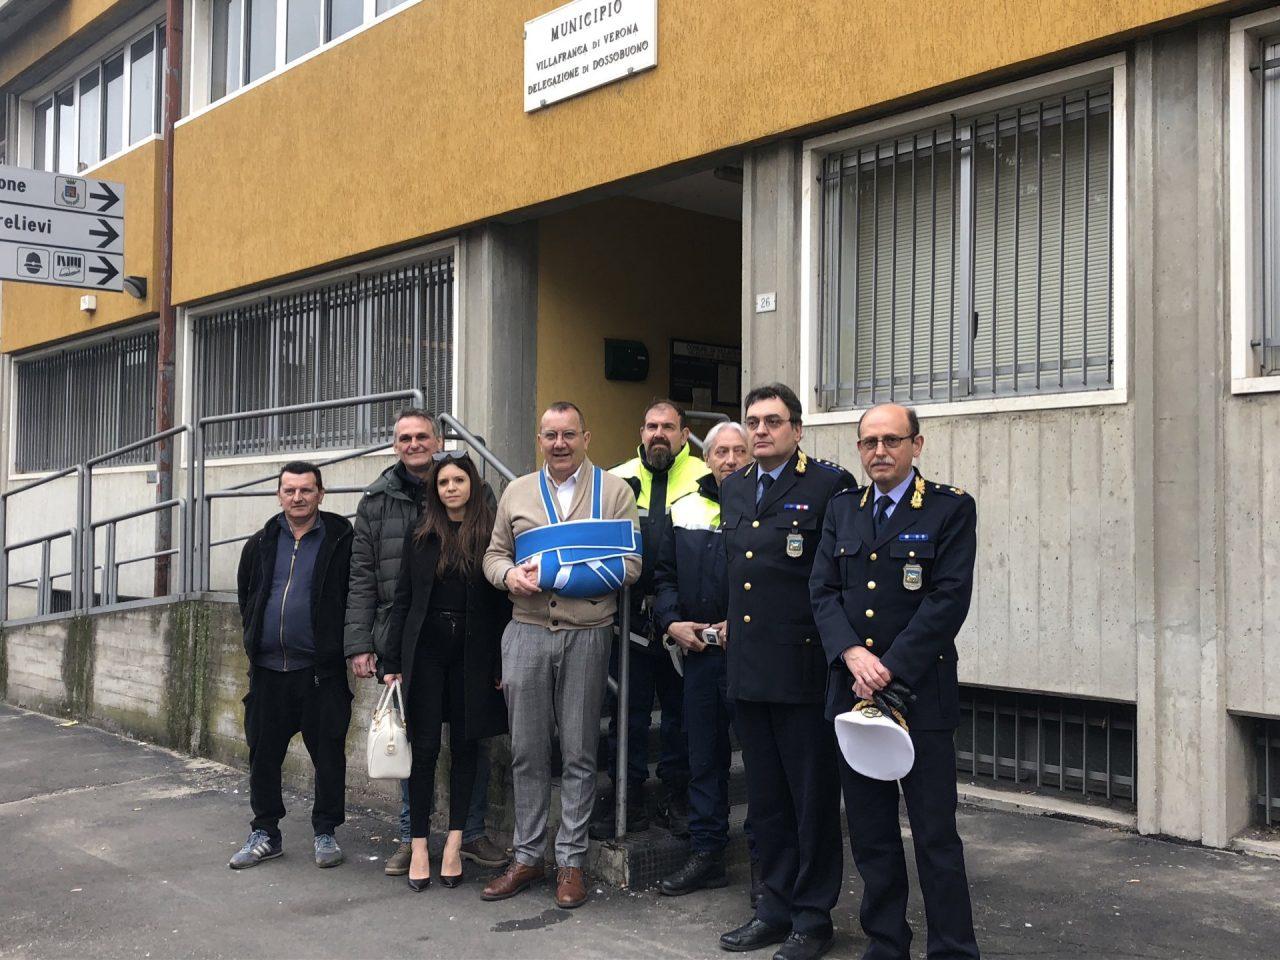 Polizia municipale, nuova sede a Dossobuono